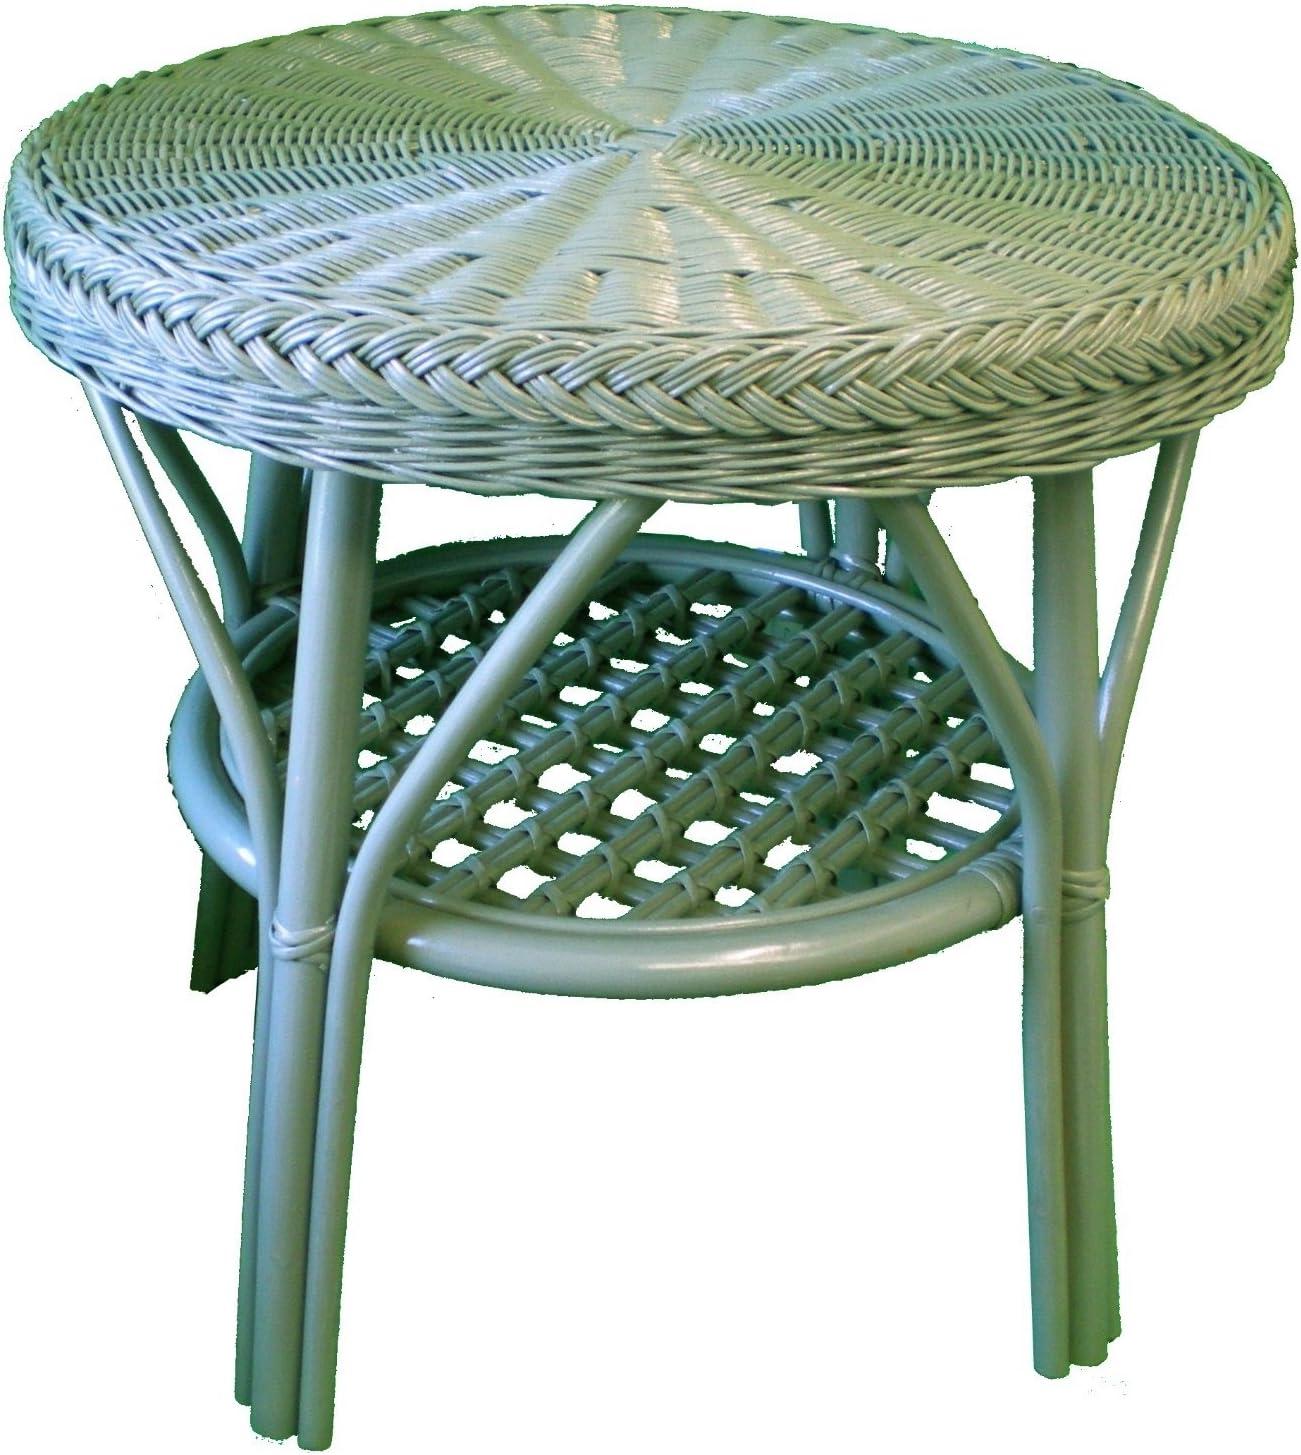 Salvia mimbre mesa de café: Amazon.es: Jardín